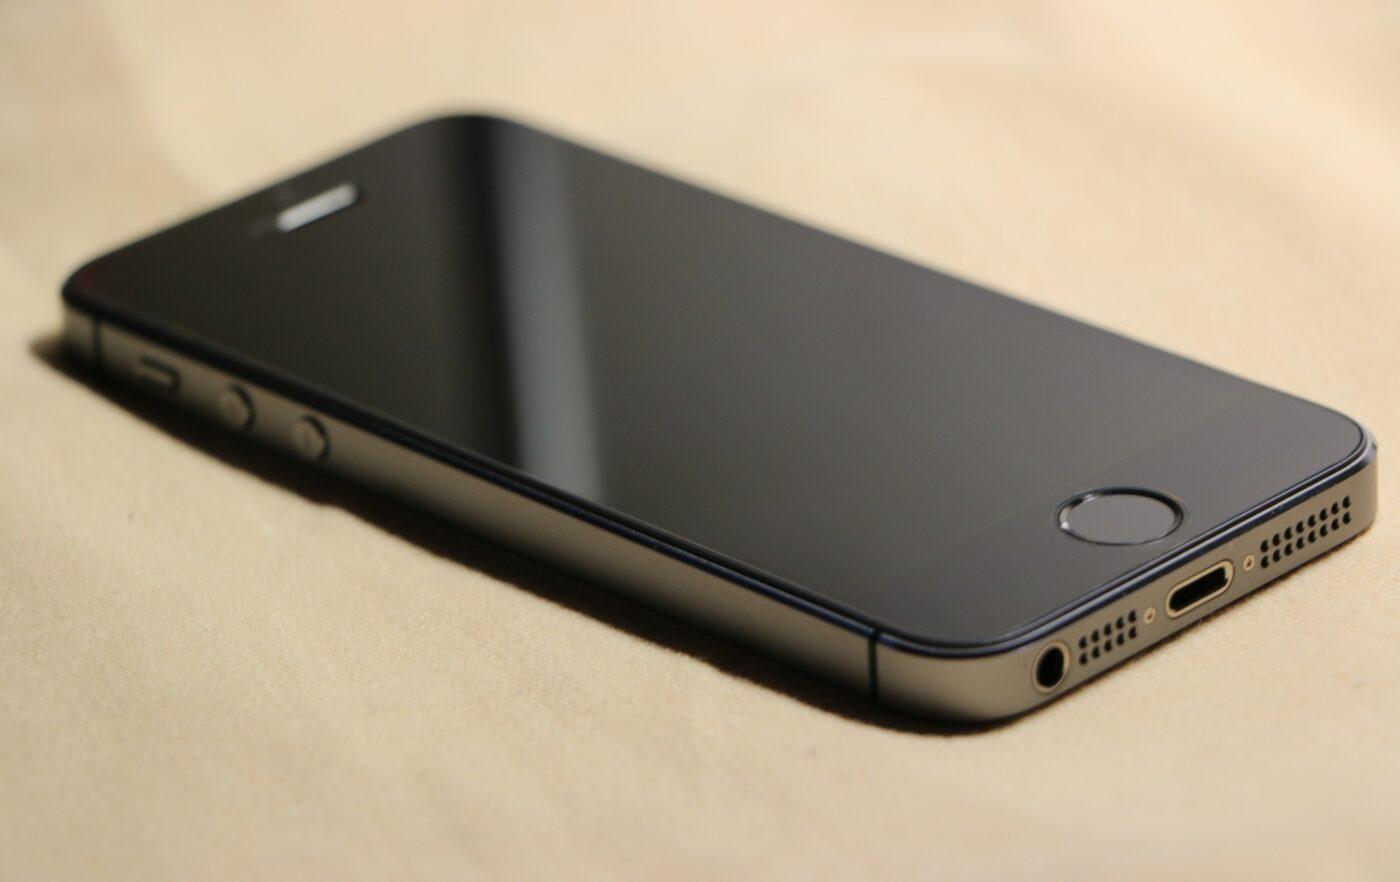 iPhone 5s z aktualizacją iOS 12.5.1.